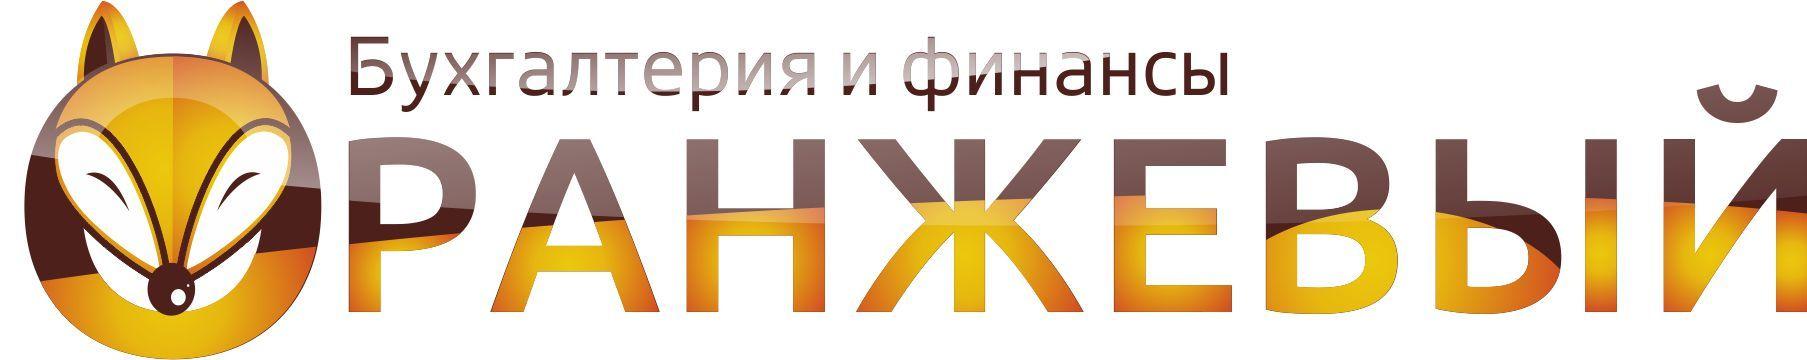 Логотип Финансовой Организации - дизайнер el147852